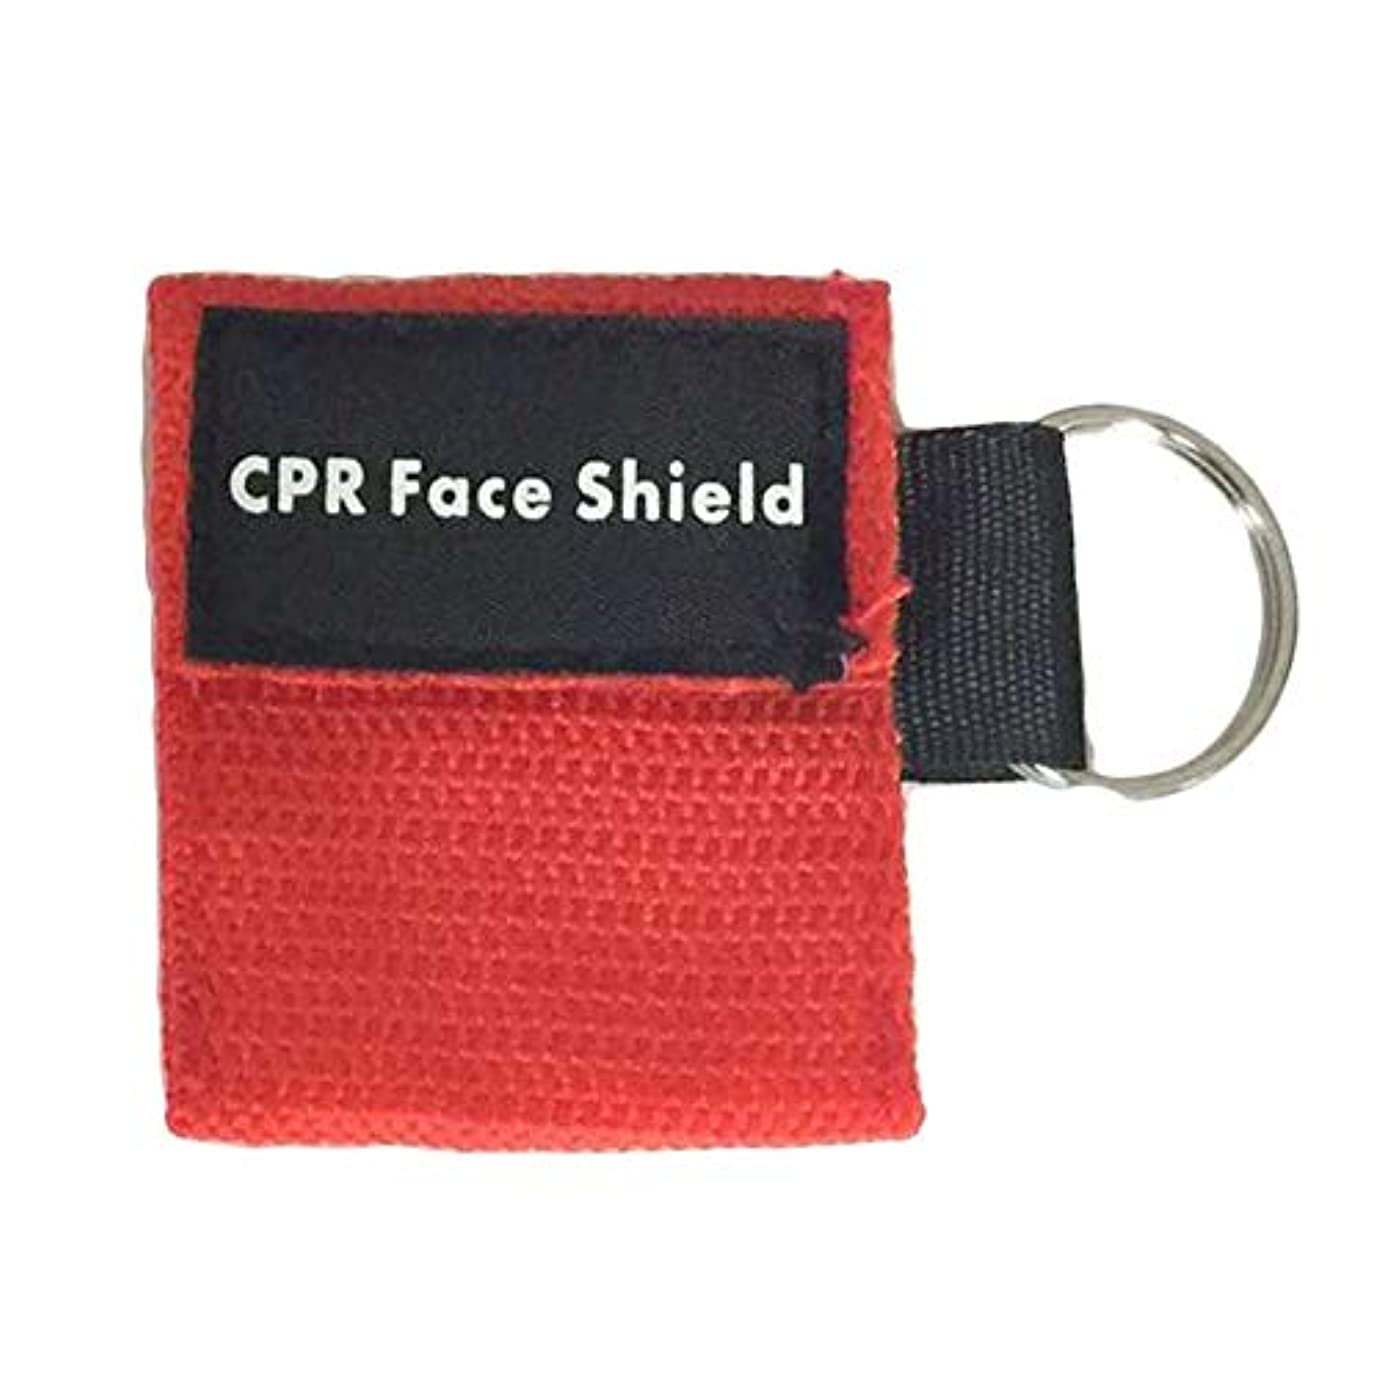 最悪アレルギー性人質2ピースポータブル応急処置ミニCPRキーチェーンマスク/フェイスシールドバリアキットヘルスケアマスク1-ウェイバルブCPRマスク